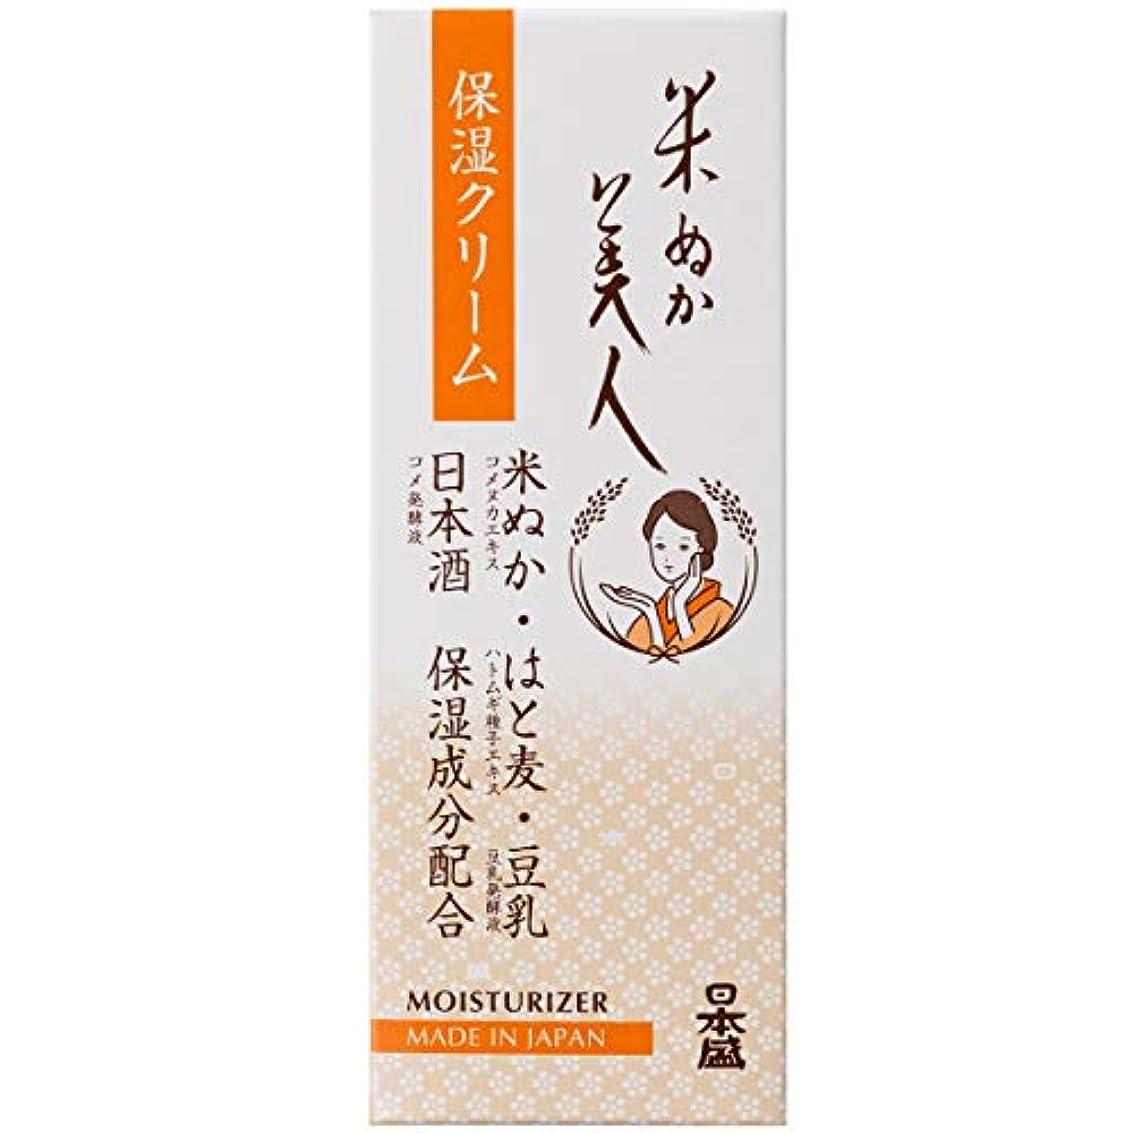 複製するシエスタさようなら日本盛 米ぬか美人 保湿クリーム 35g(無香料 無着色 弱酸性)